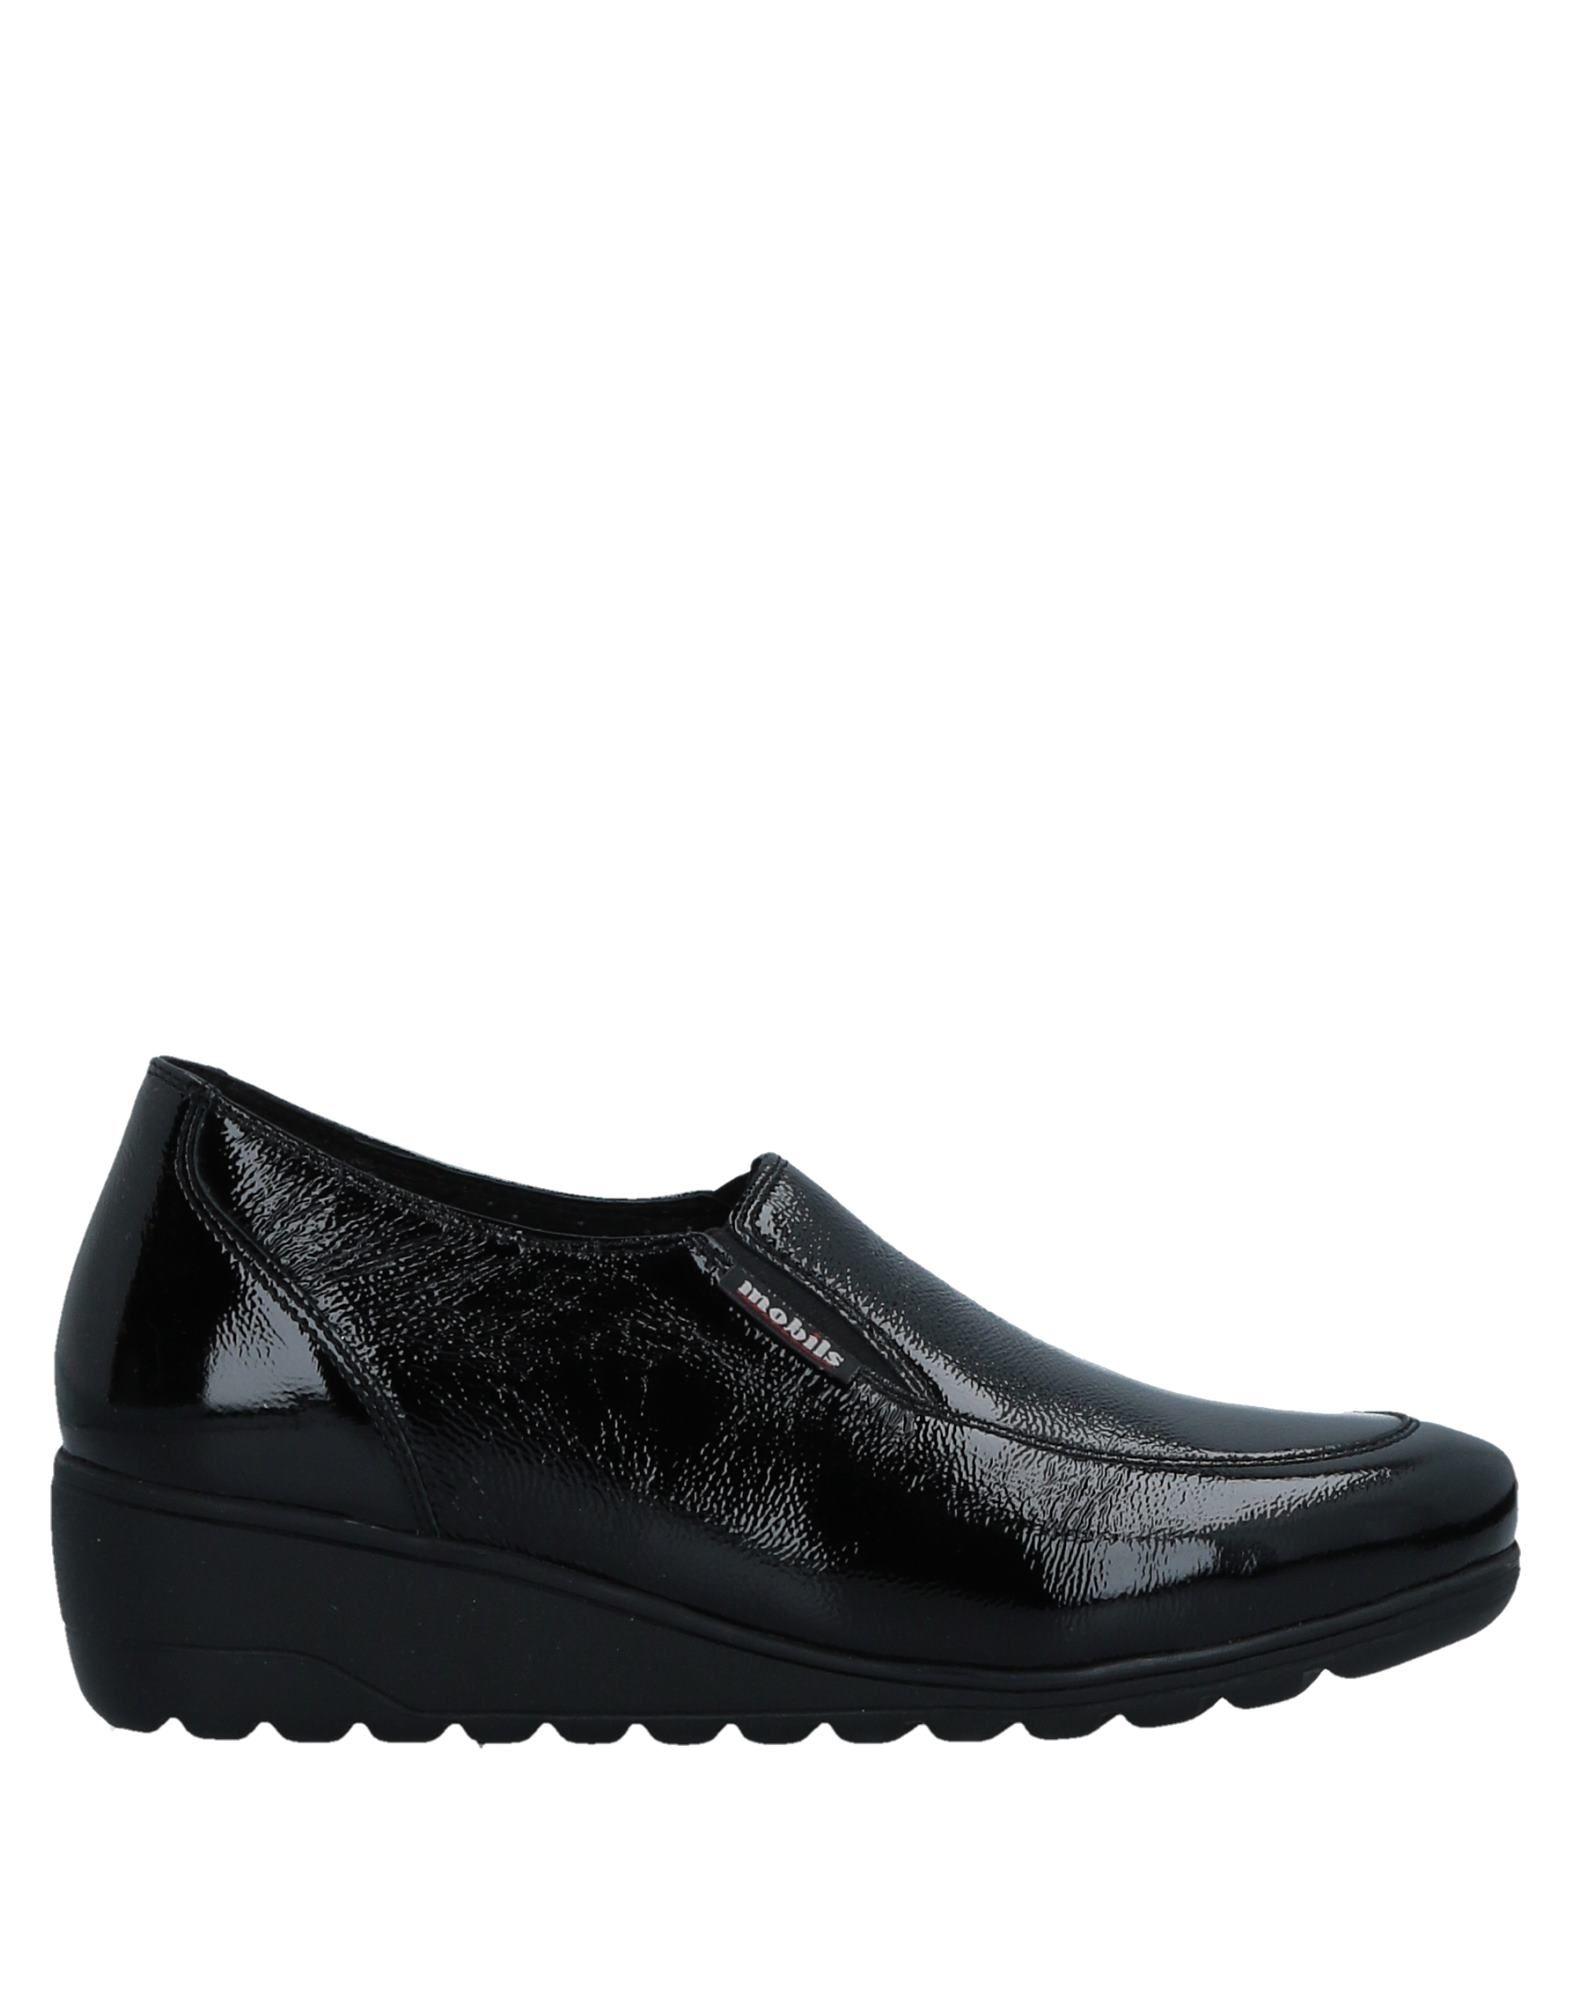 Mephisto Mokassins Damen beliebte  11516241QL Gute Qualität beliebte Damen Schuhe 93fa3d